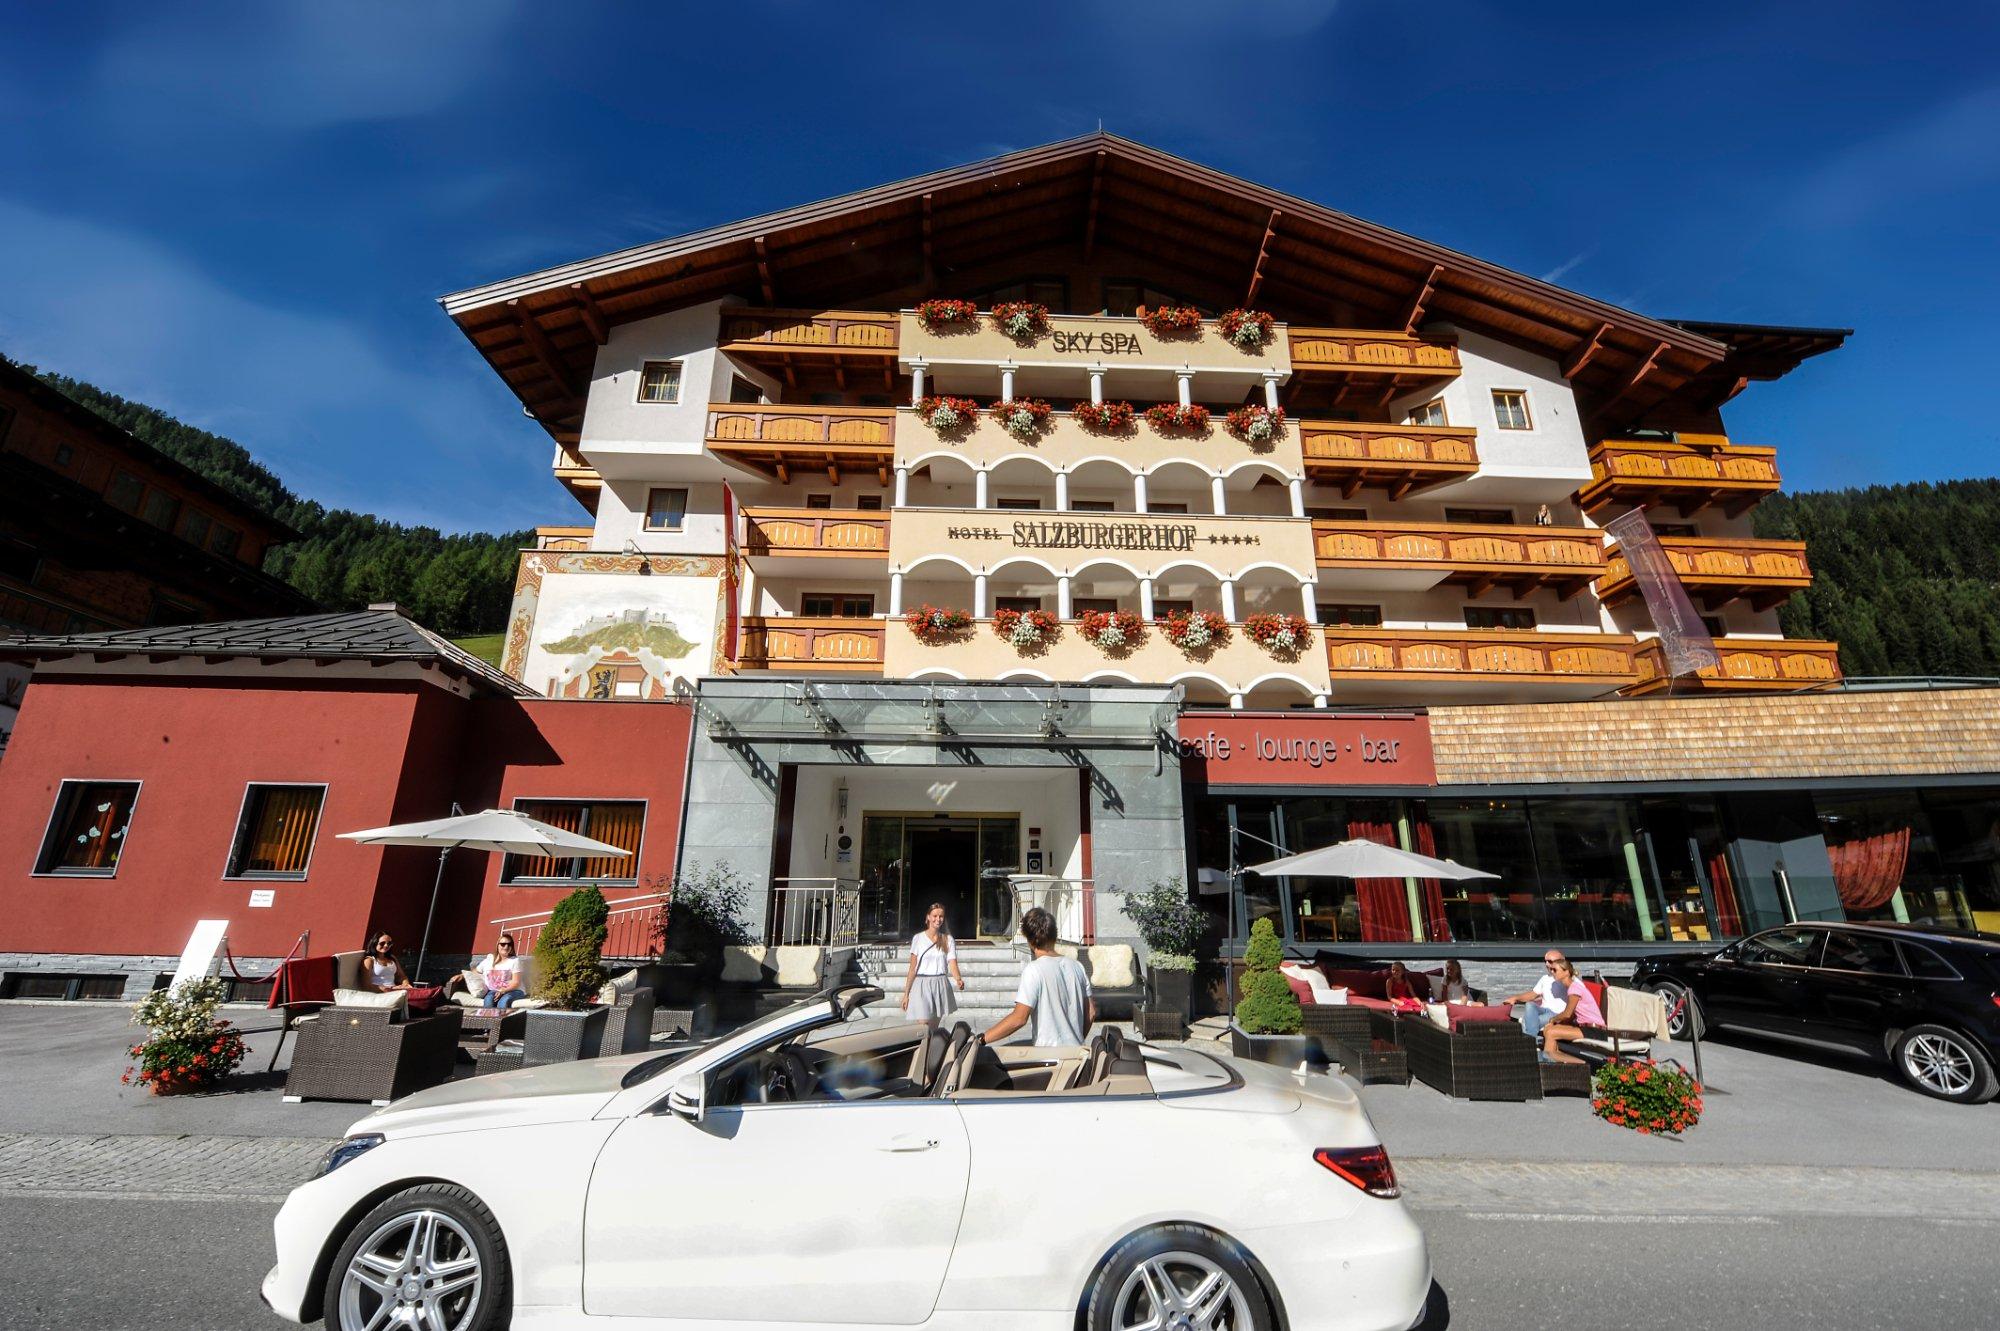 Hotel Salzburgerhof Zauchensee